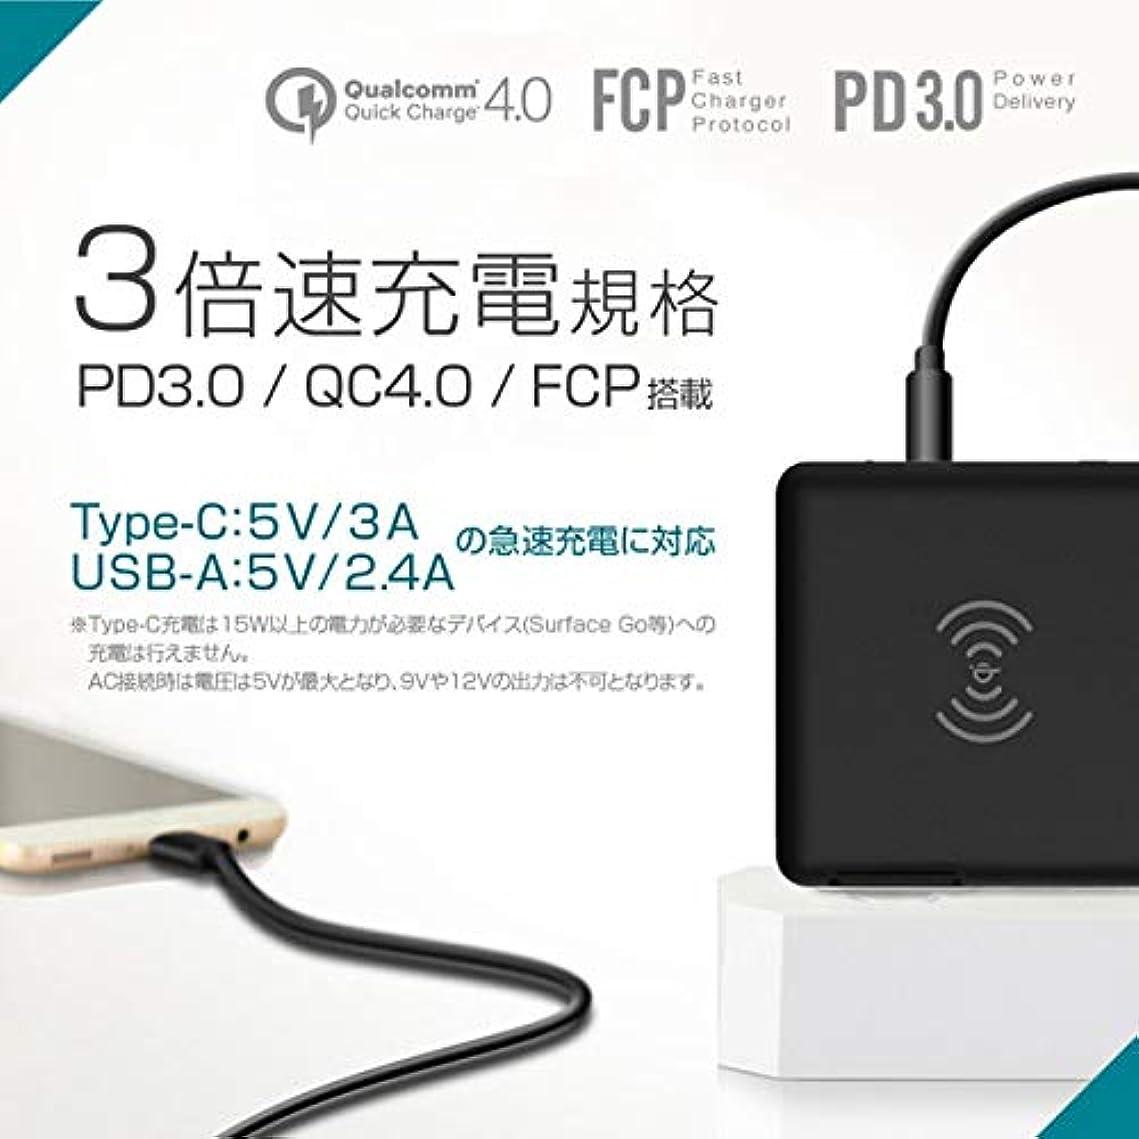 落胆したラテンインタラクション【Win7 Pro/Win10 Pro選択可】NEC Mate MK33M/E-N Windows7 Professional 64bit Corei5 3.3GHz 8GB 500GB DVDスーパーマルチ USB3.0 有線LAN VGA DVI-D RS-232C USB109日本語キーボード&USBレーザーマウス 省スペースデスクトップパソコン本体 Windows10 Pro 64bit用リカバリディスク付属